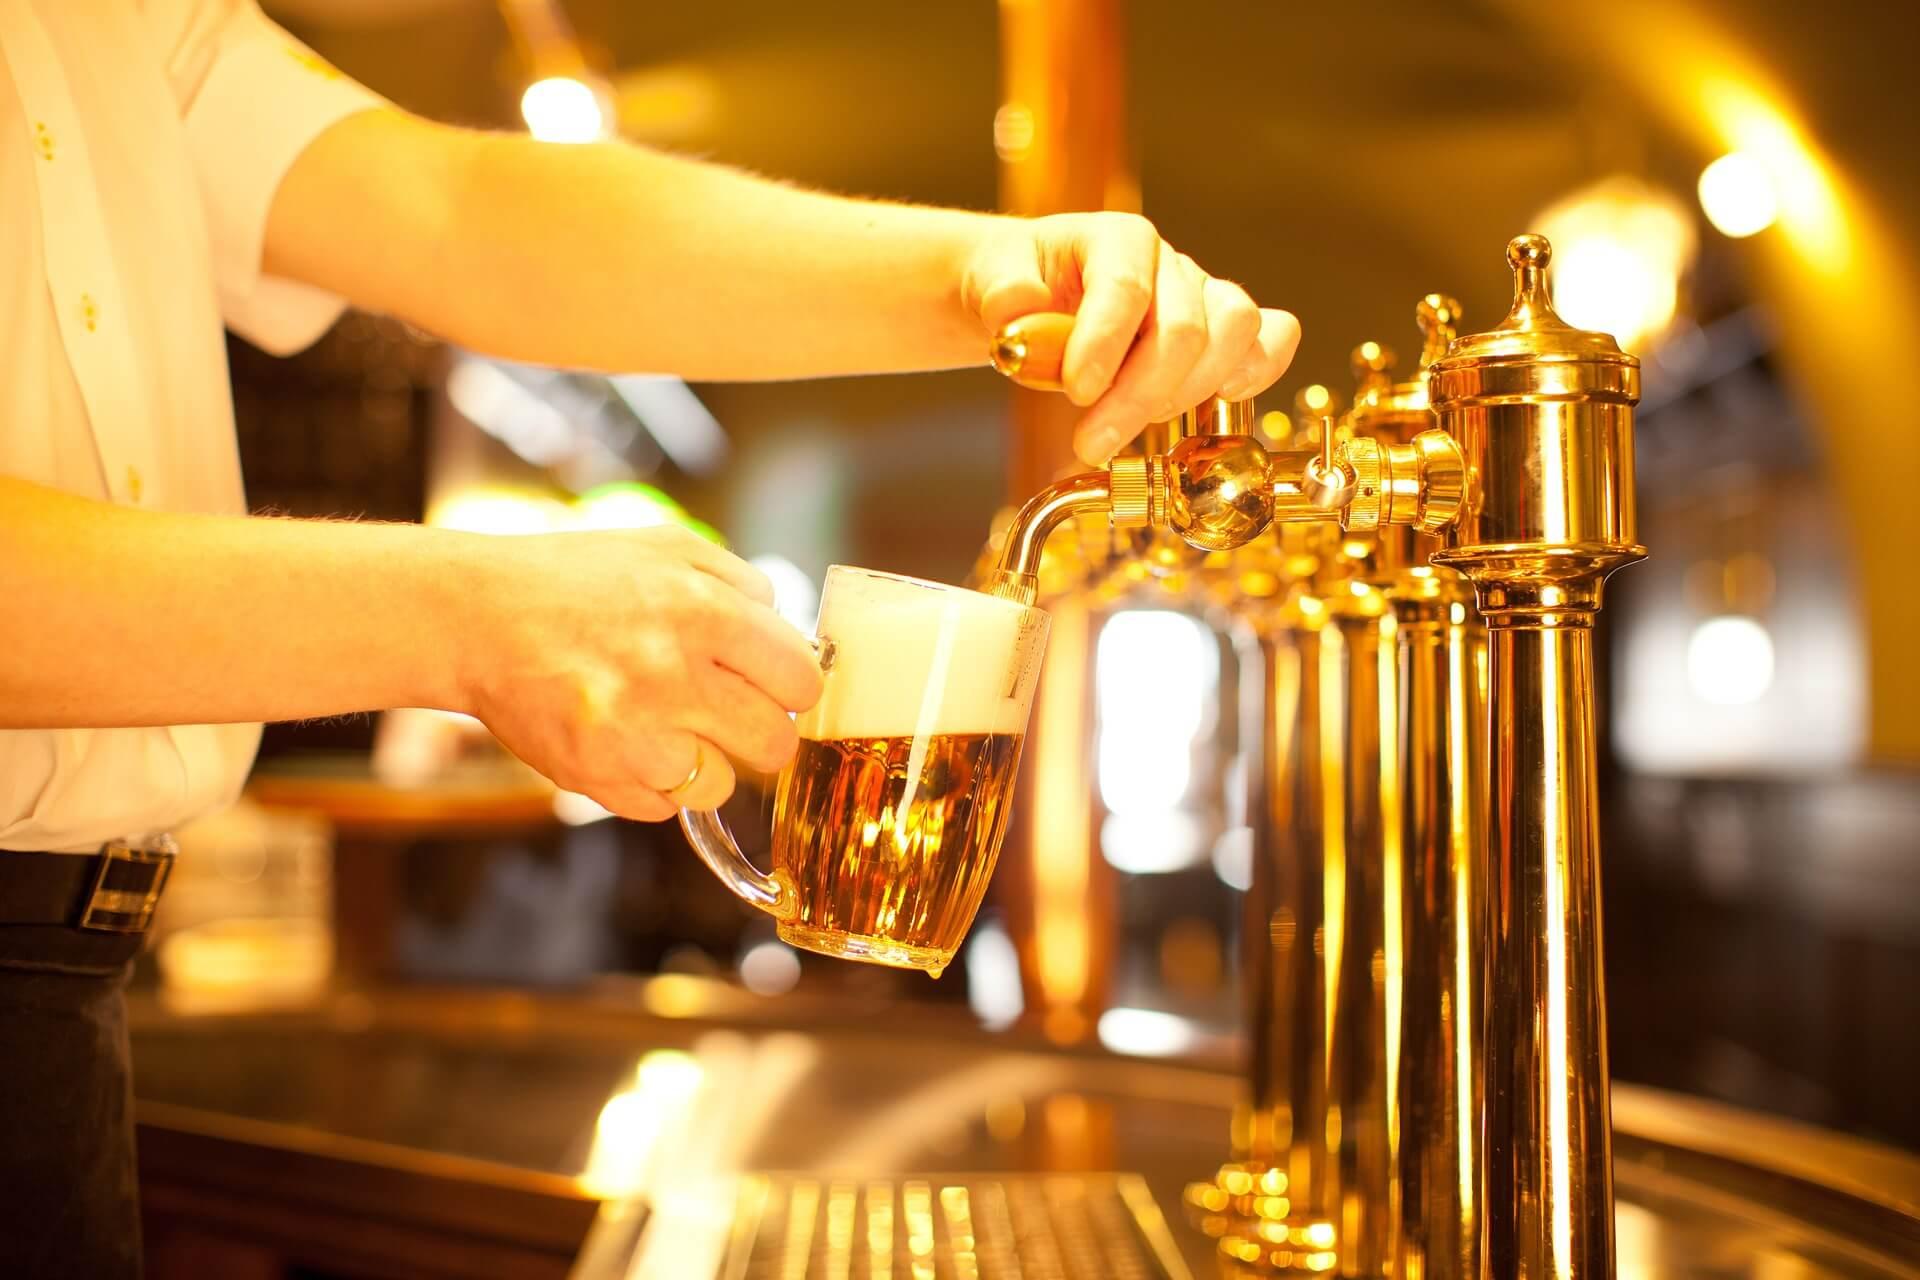 Магазины разливного пива не продают «в розлив»: новые разъяснения федеральных властей могут покончить с региональными запретами